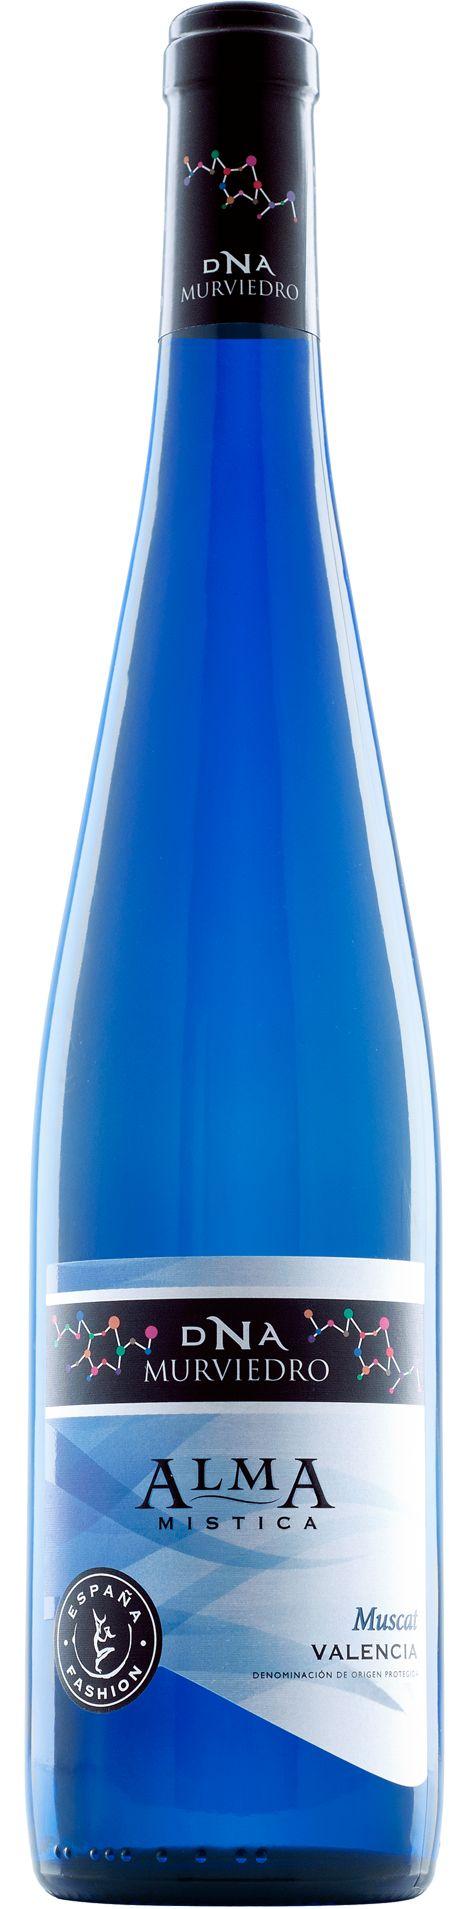 DNA Fashion Alma Mística - Nota de Cata Color: Amarillo con matices verdosos, muy brillante. Aroma: Muy intenso y de gran complejidad, con un amplio abanico de aromas a frutas exóticas (lychees, maracuyá) y matices florales. Sabor: Sabroso y aromático, envolvente pero fresco, muy persistente.  Sugerencias de Servicio Alma Mística es un vino blanco muy aromático y de gran personalidad, ideal para acompañar ensaladas, calderetas de pescado, fideuà, paellas, mariscos y carnes blancas. También…